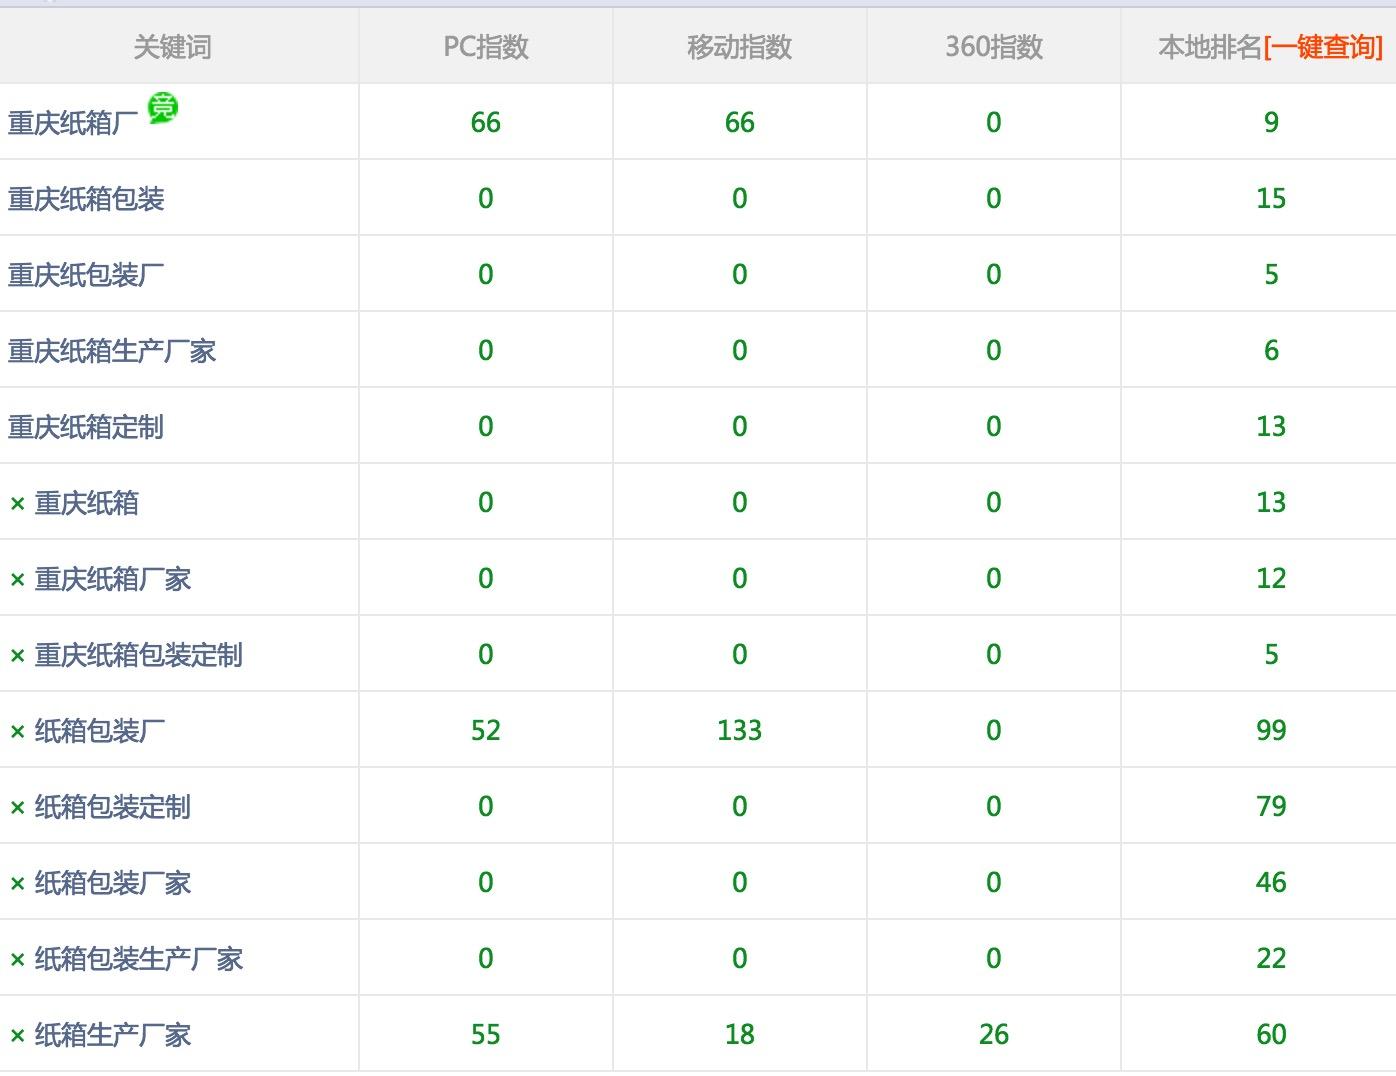 重庆纸箱定制购买龙岗富海360做网络推广关键词排名不错